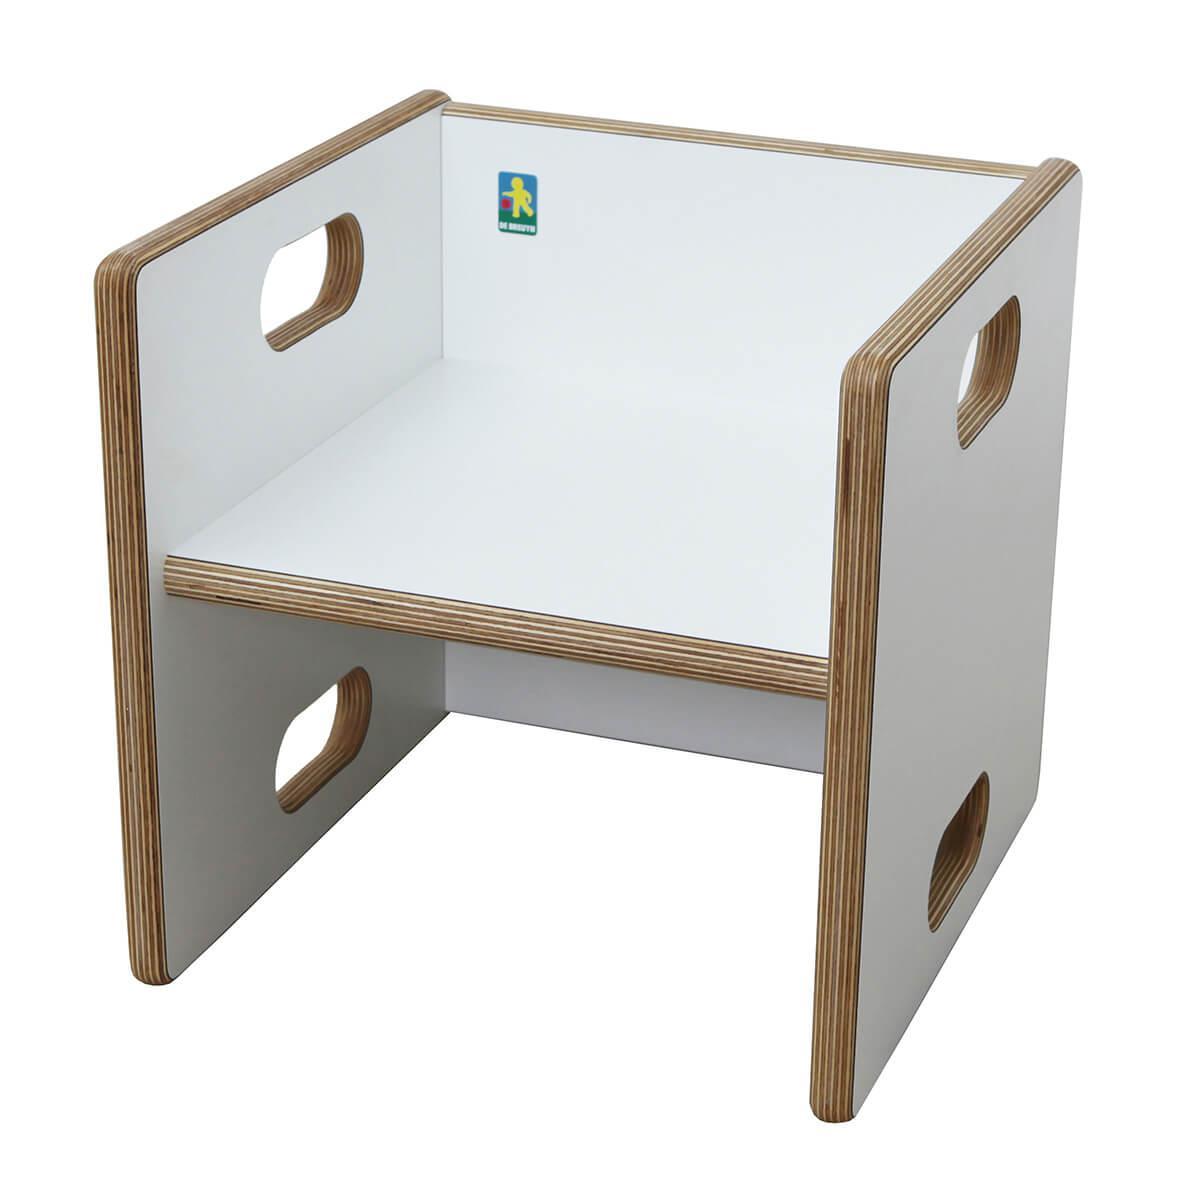 Wandelstuhl ZIGGY Debreuyn Multiplex weiß HPL - Sitzfläche weiß